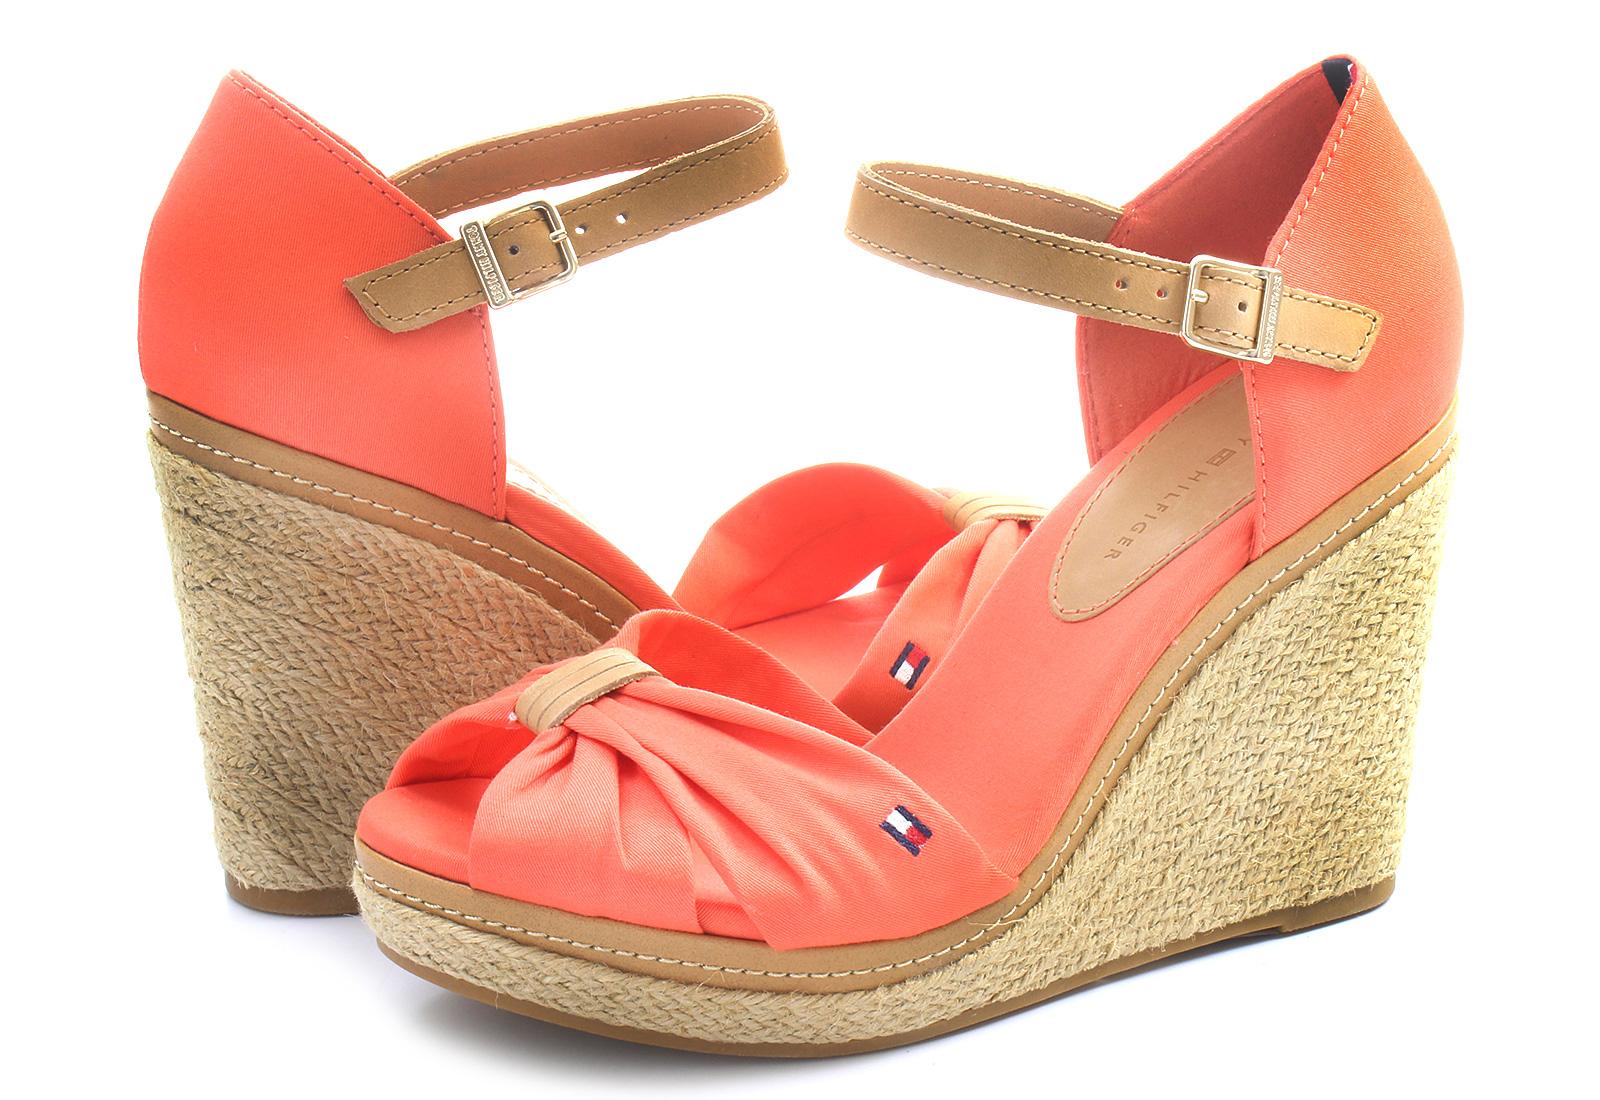 tommy hilfiger sandals emery 54d 14s 6770 692 online shop for. Black Bedroom Furniture Sets. Home Design Ideas